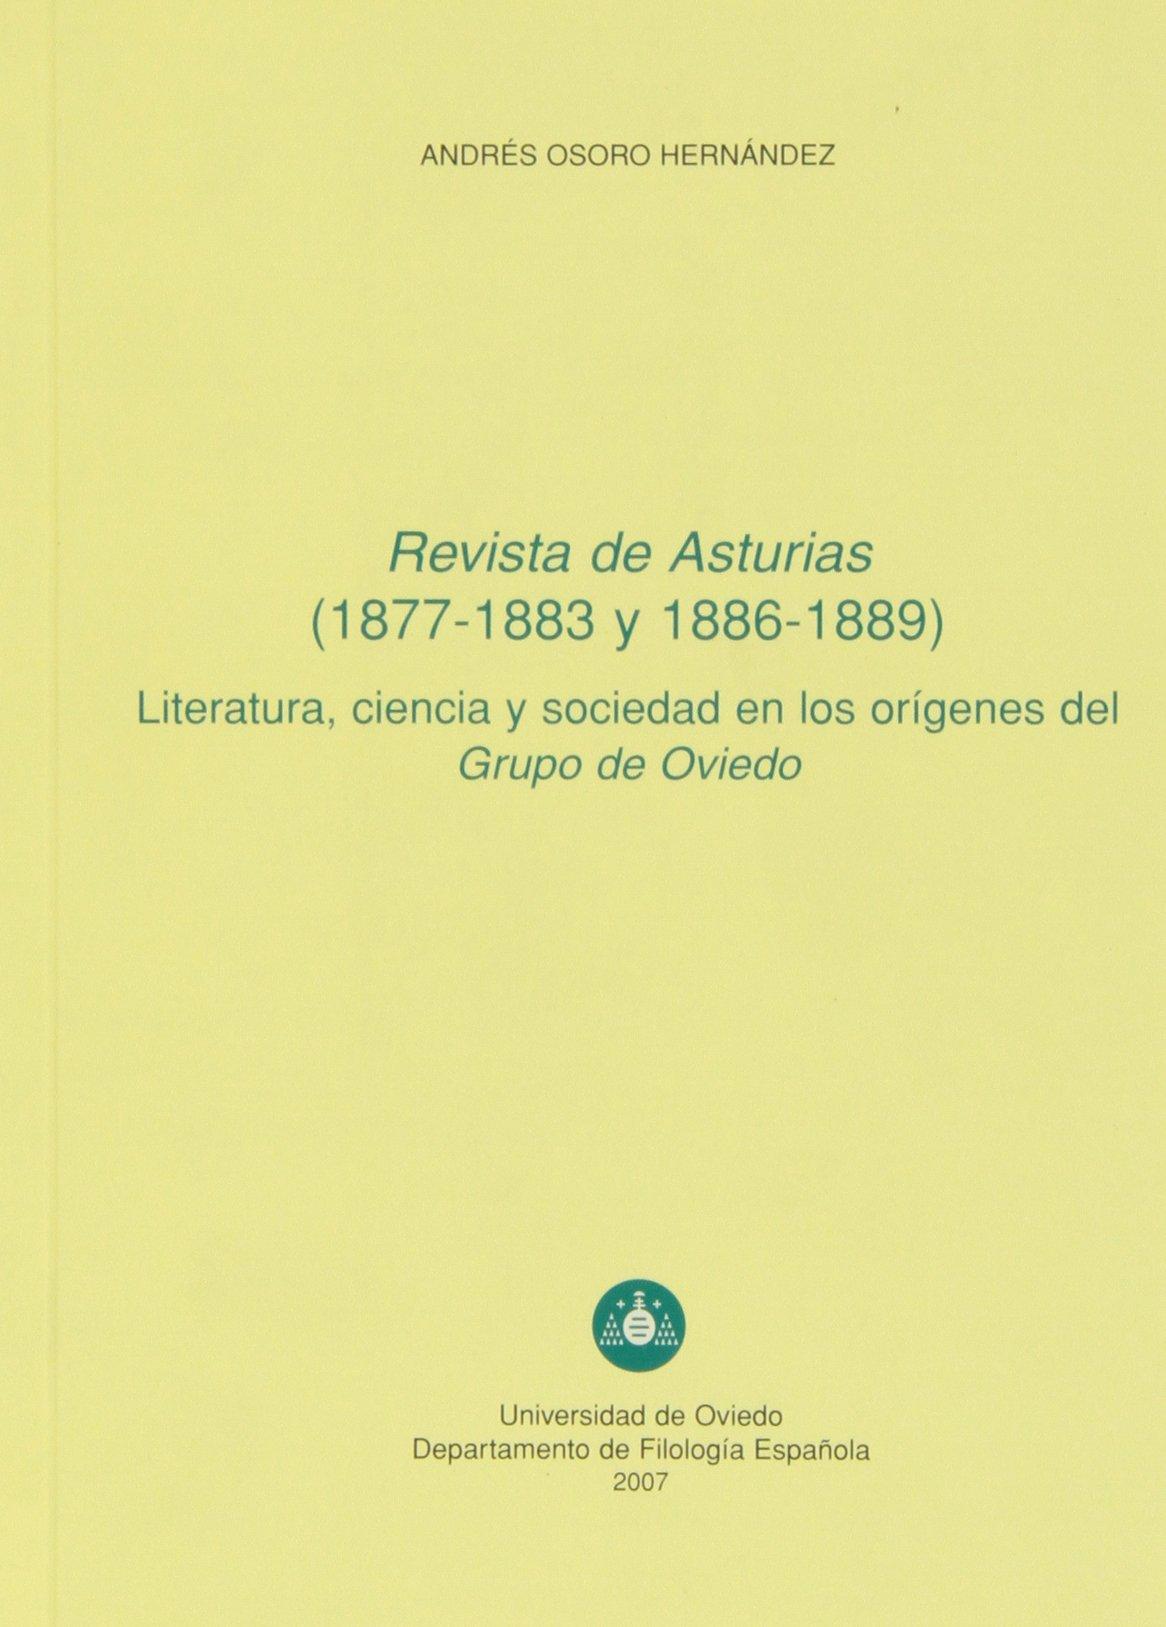 Revista de Asturias 1877-1883 y 1886-1889 Literatura ...